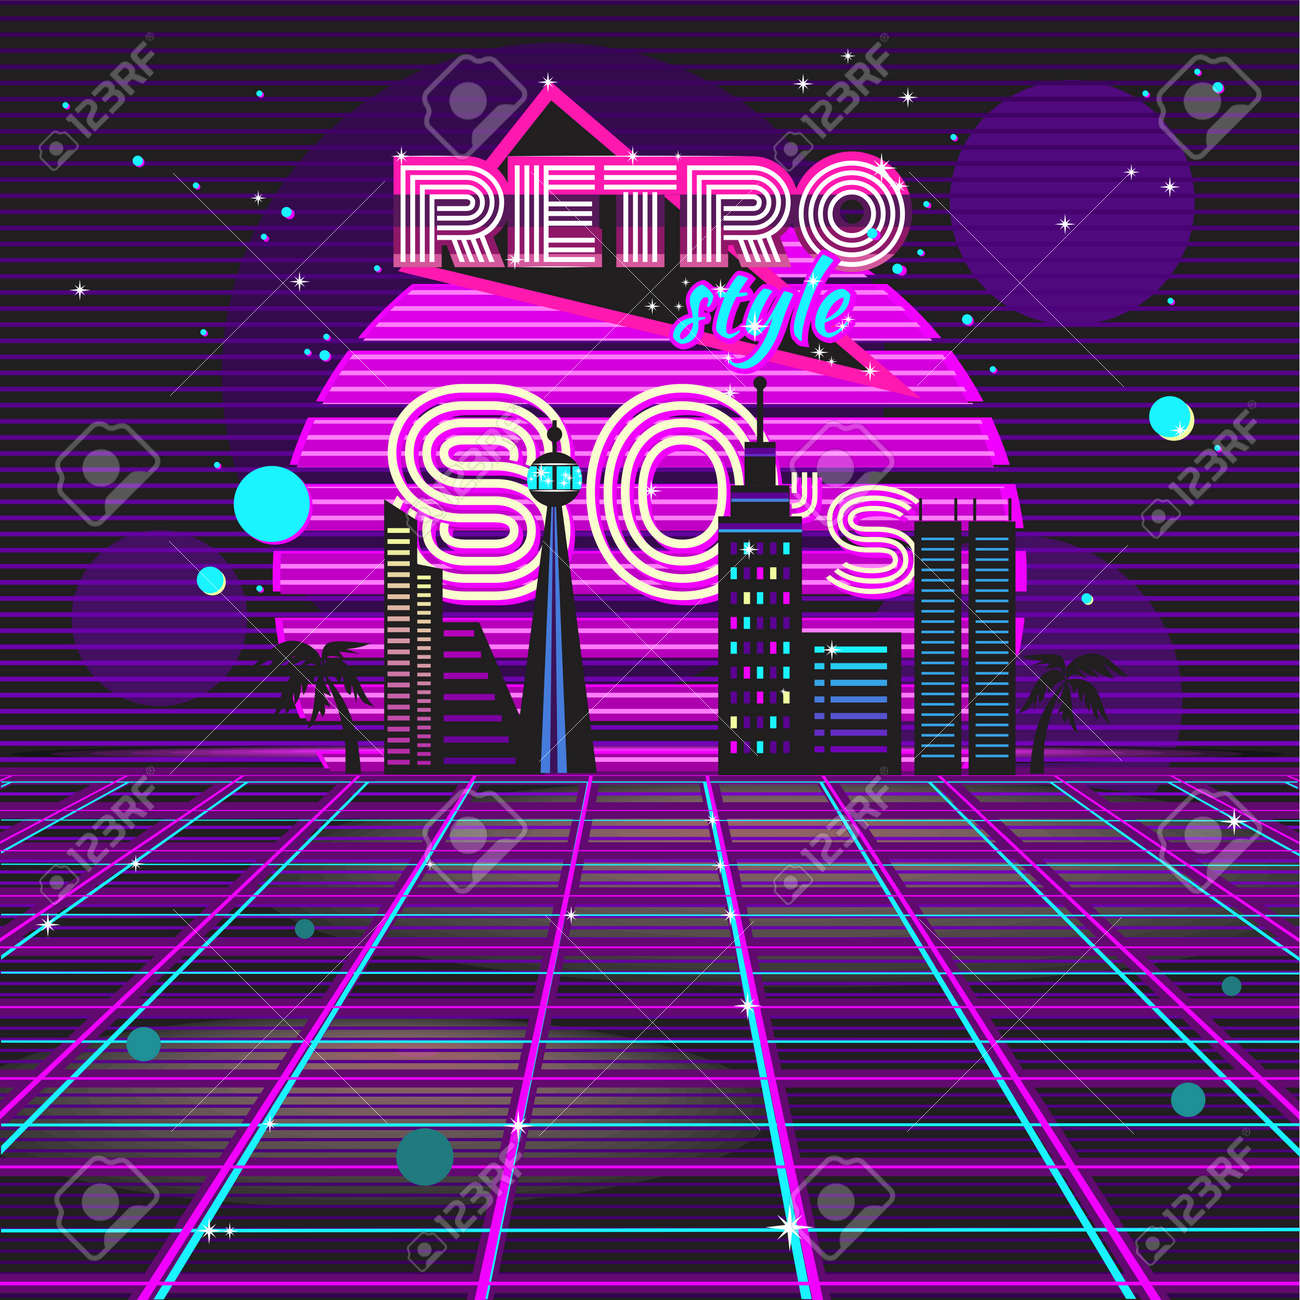 80s Design retro style 80s disco design neon. 80s party, 80s fashion, 80s